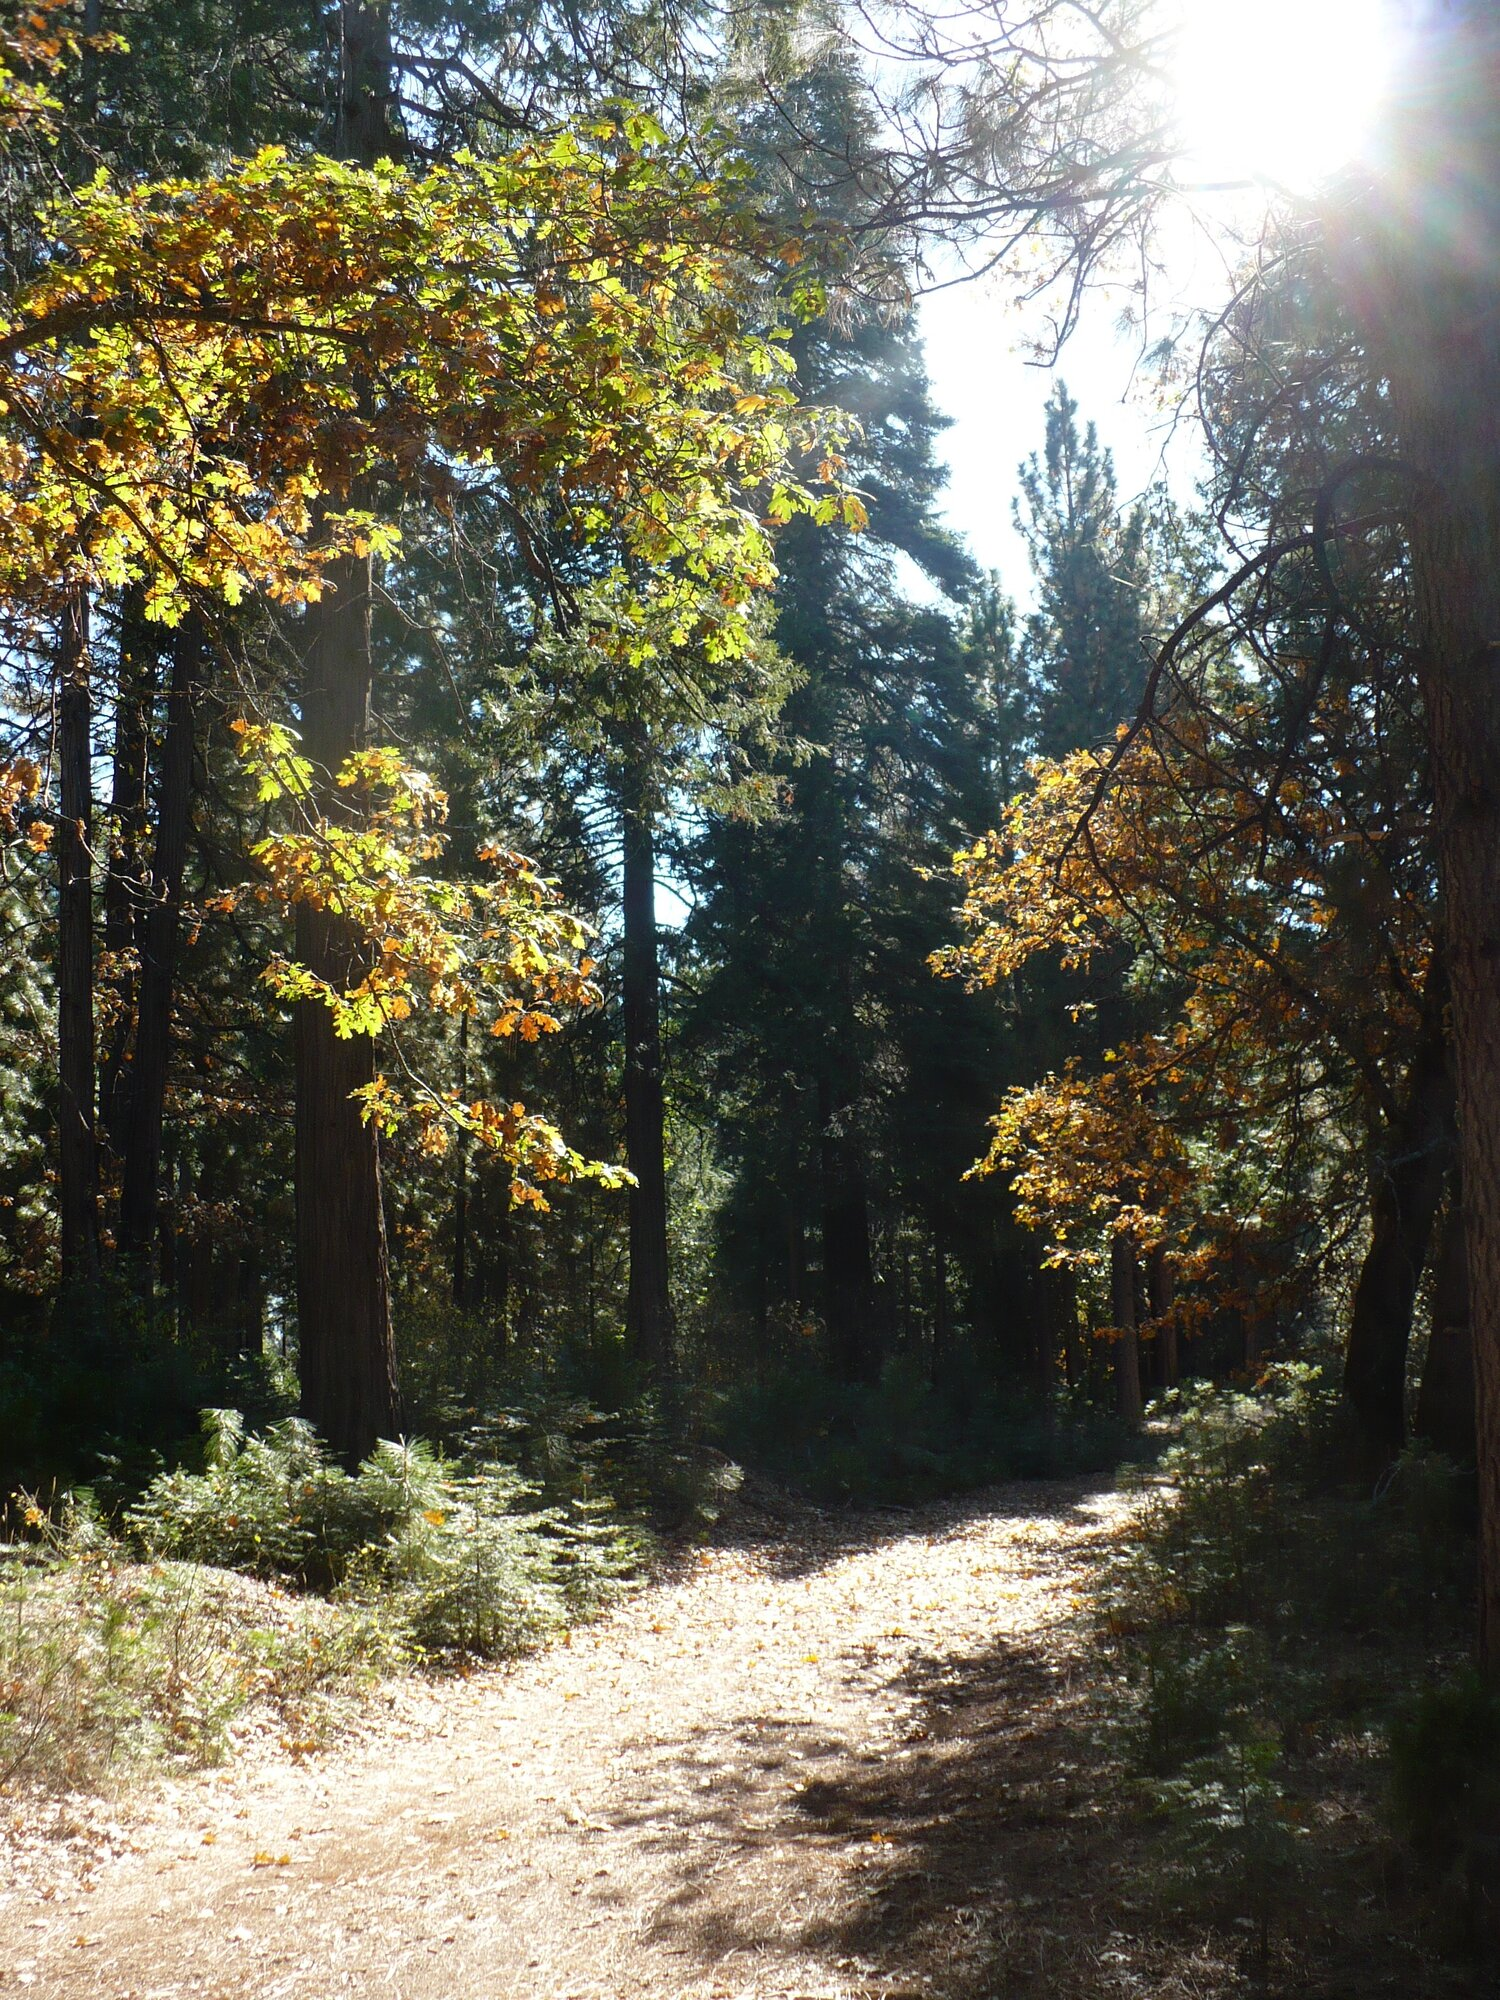 ENJOY TRAILS THROUGH PEACEFUL FOREST